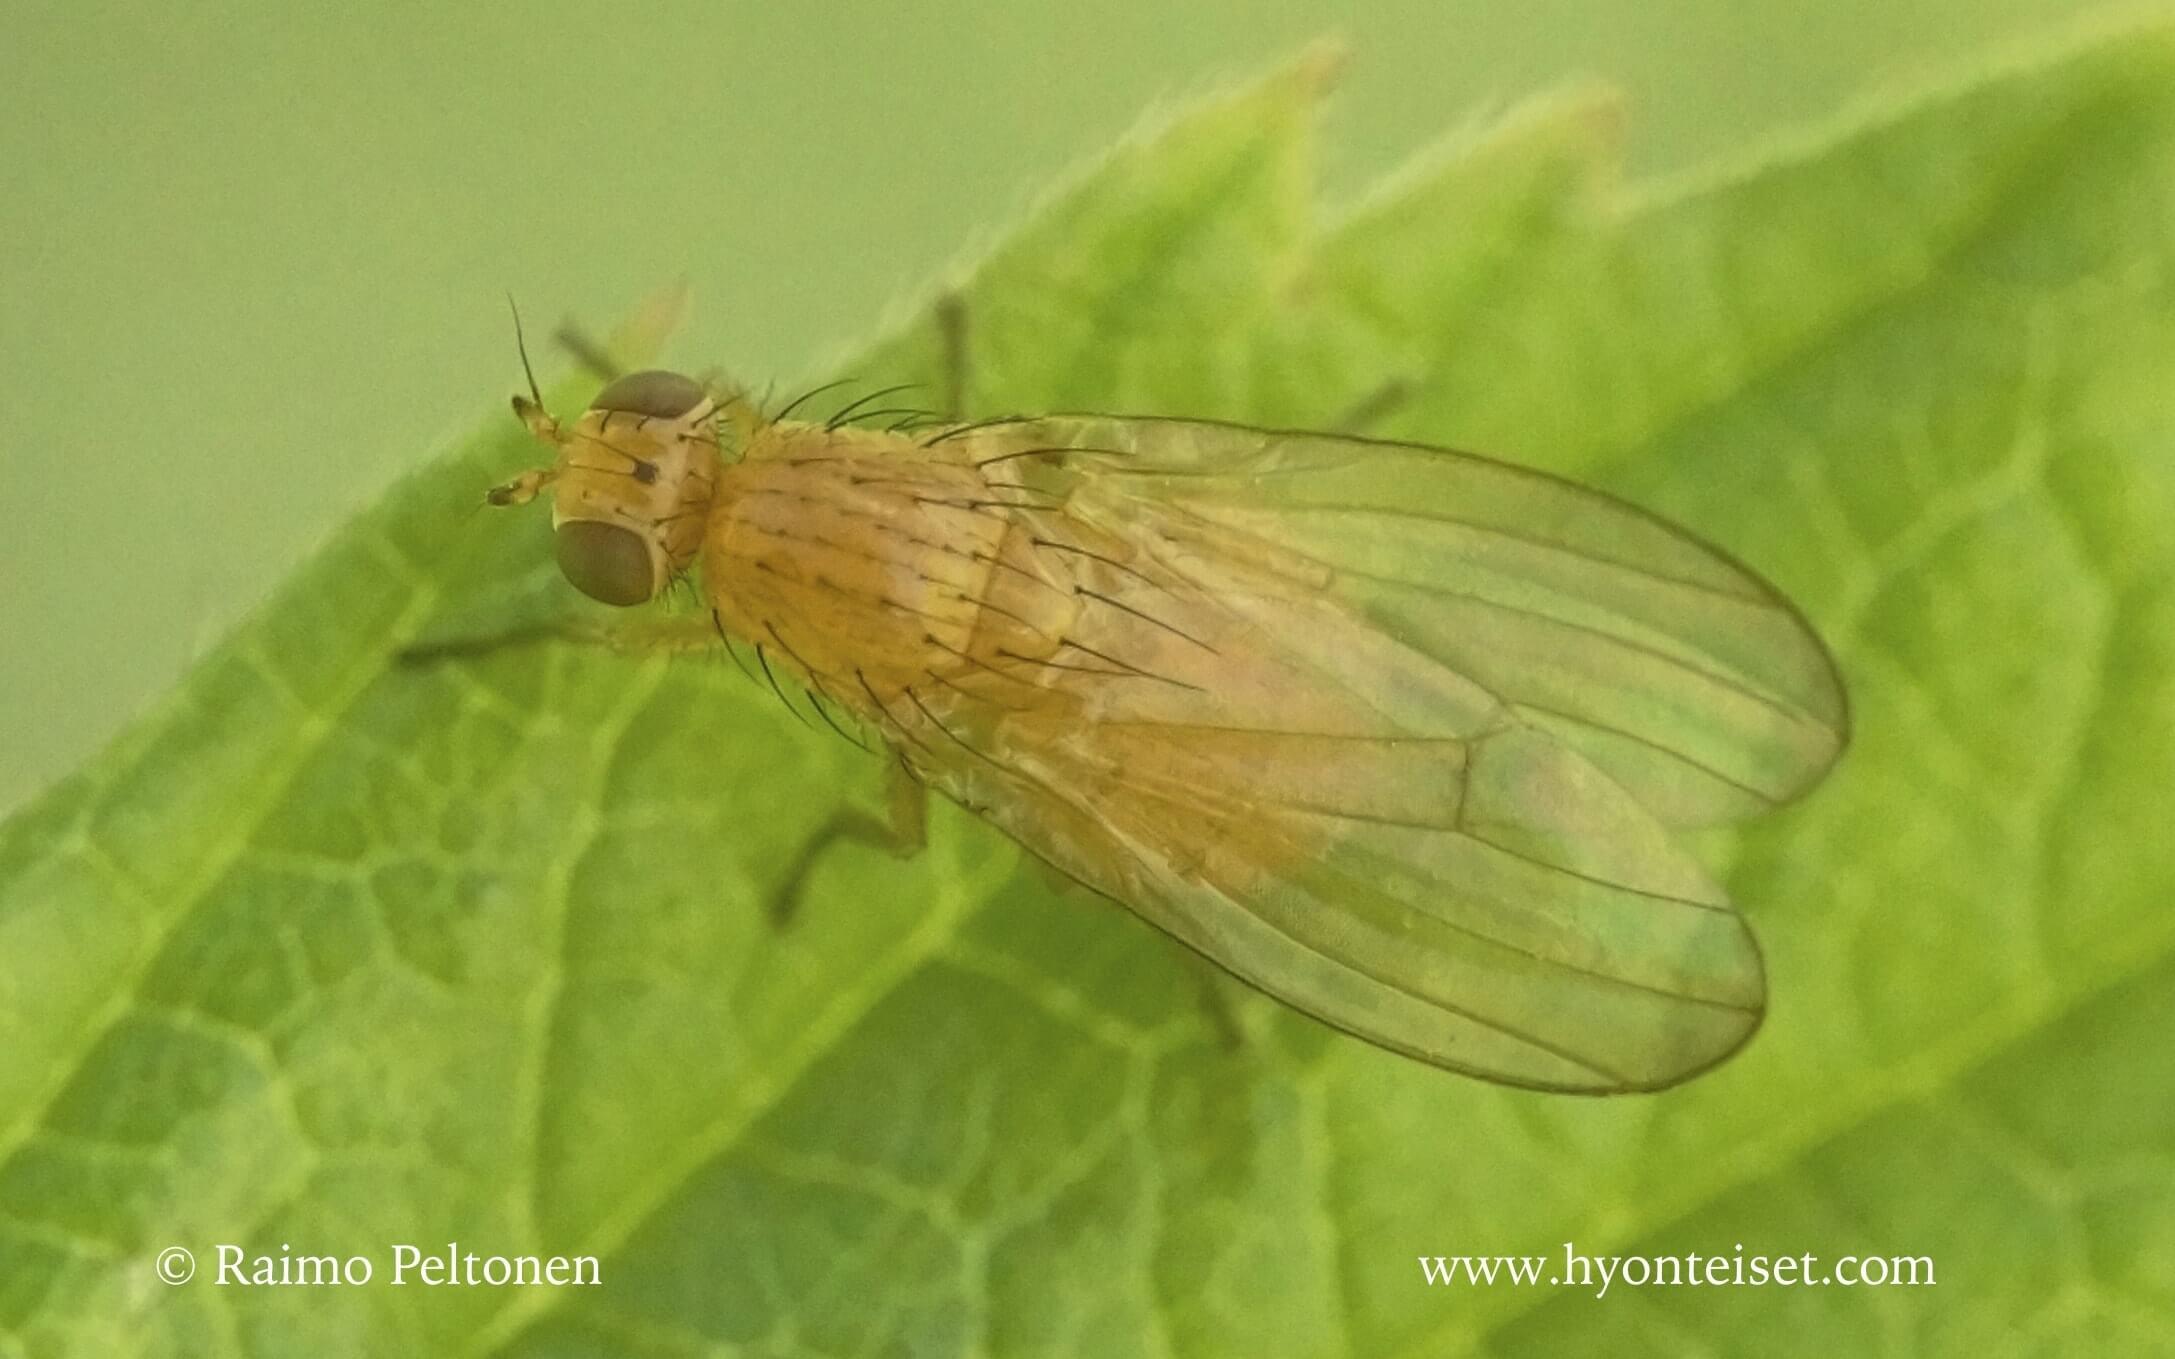 Meiosimyza affinis (det. Kaj Winqvist)